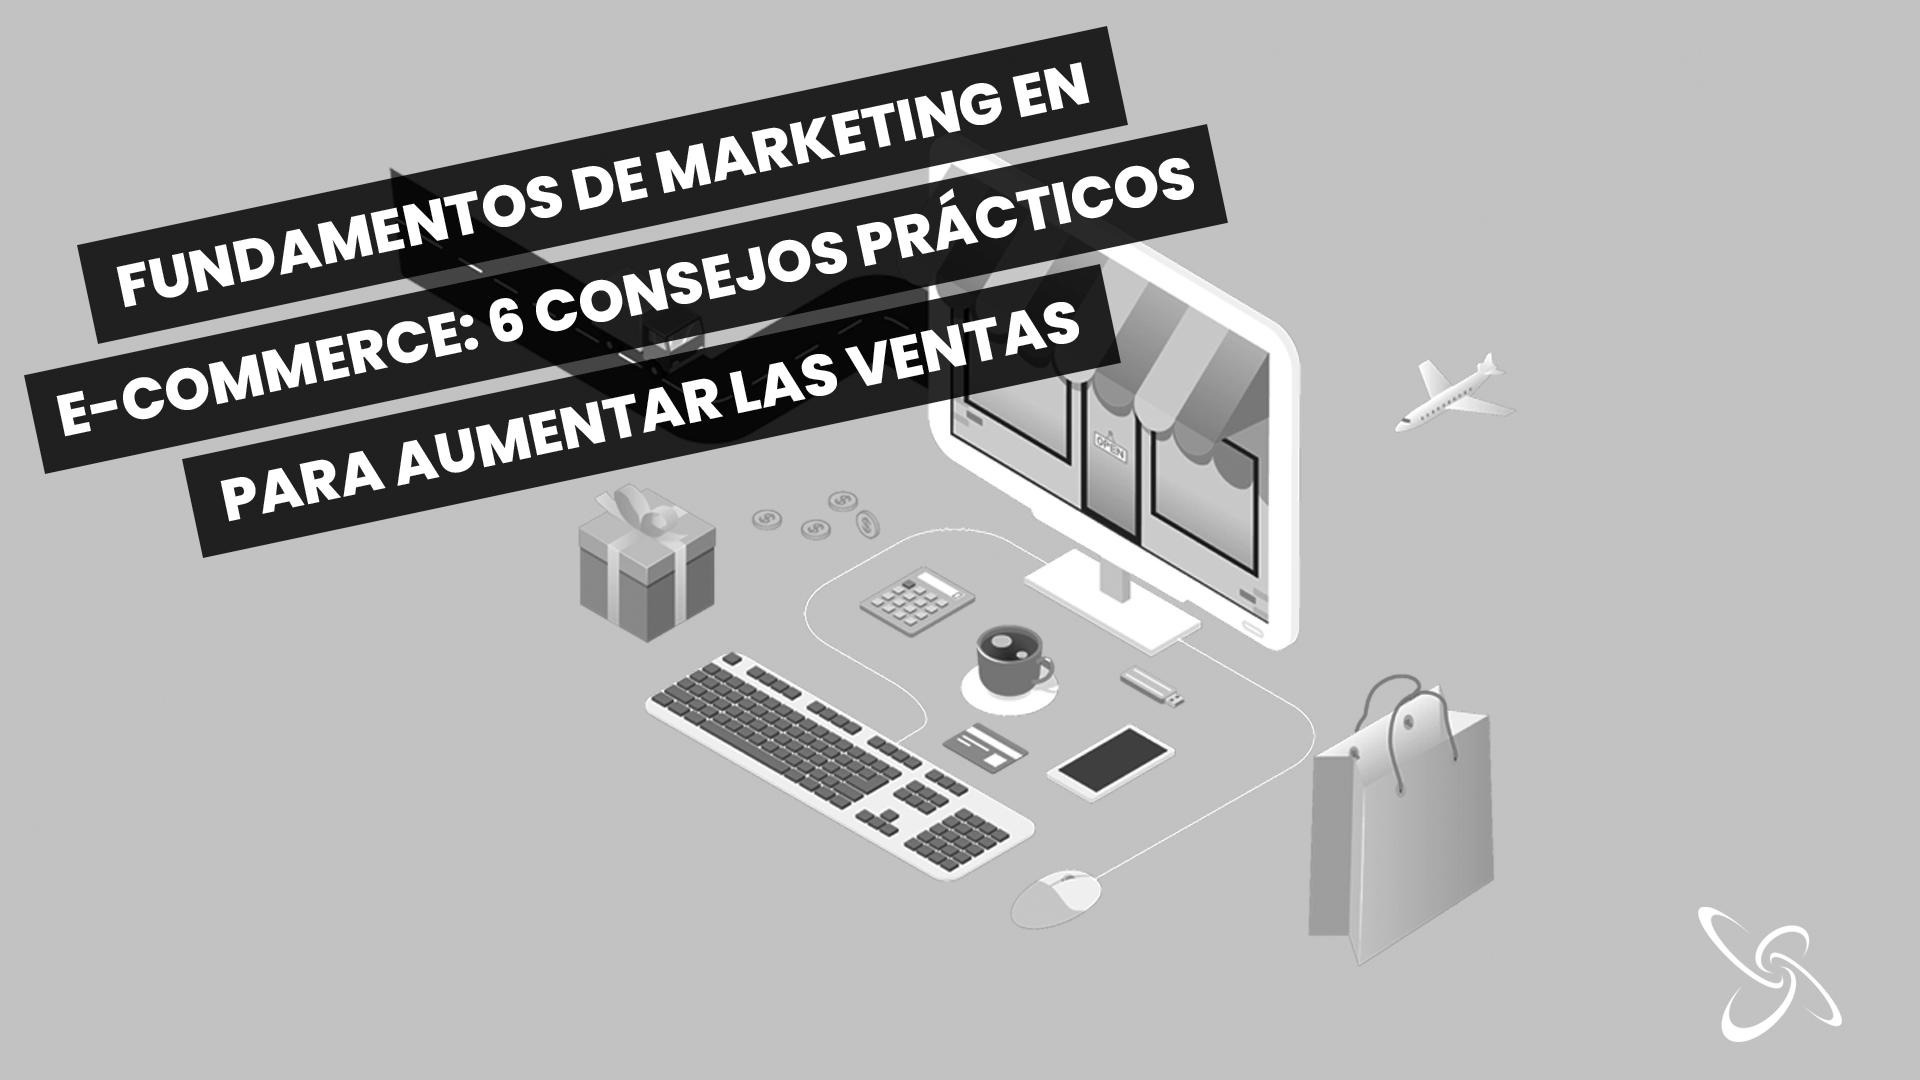 Fundamentos de marketing en e-commerce: 6 consejos prácticos para aumentar las ventas